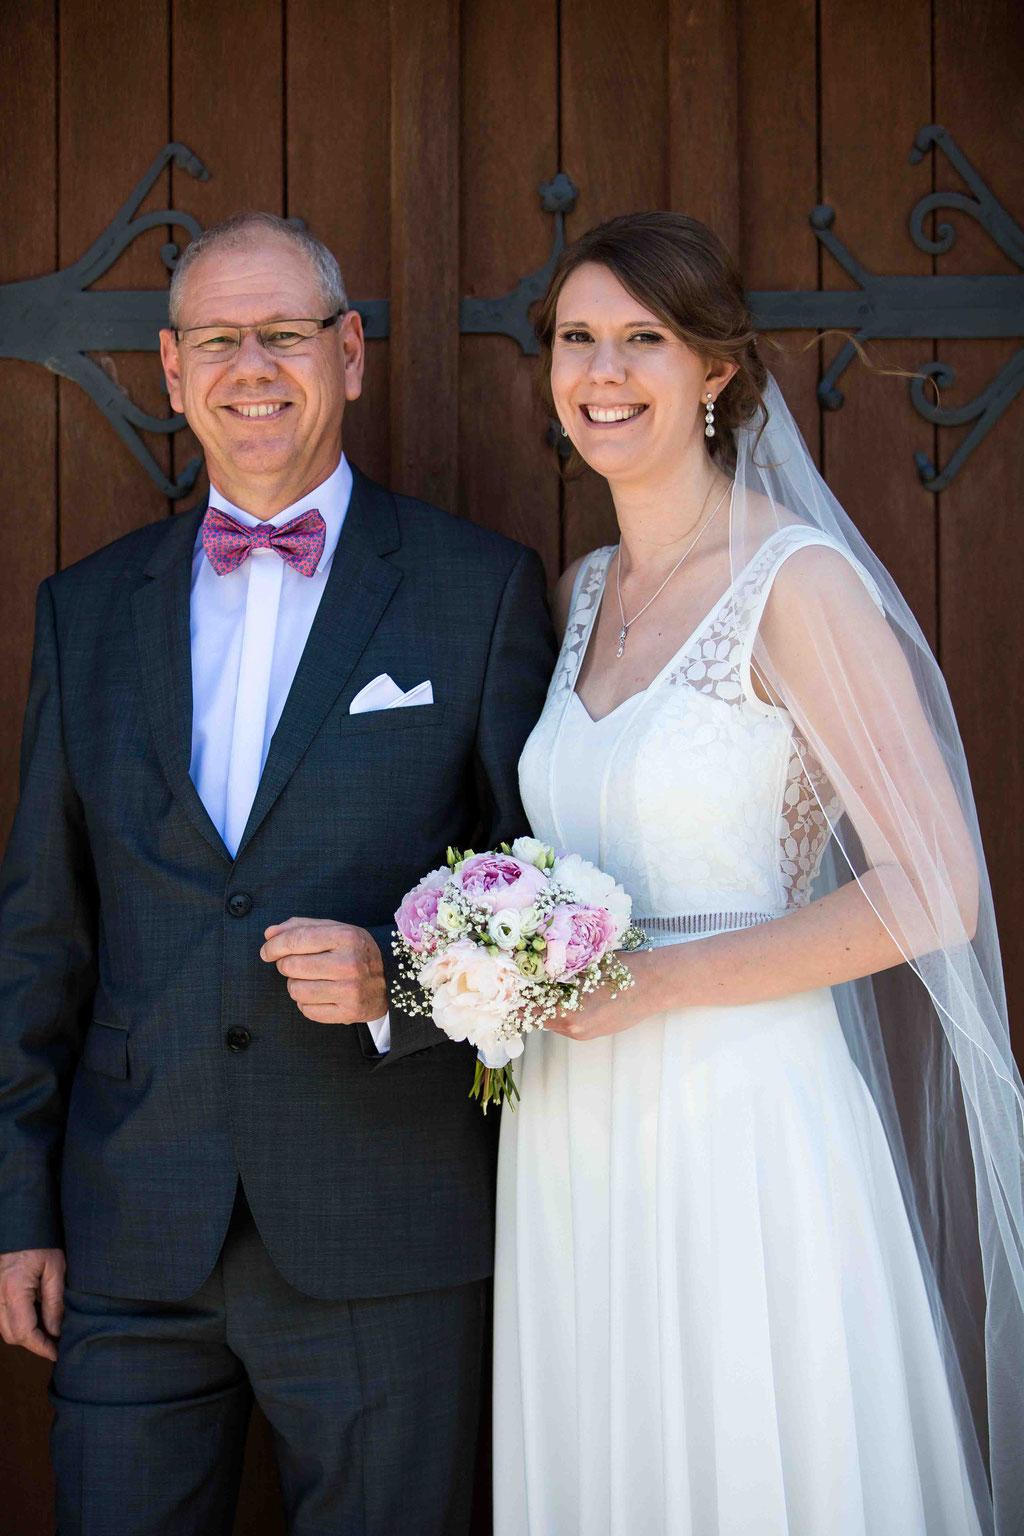 Hochzeitsfotograf, Hochzeitsreportage, Hochzeitslocation Schloss Schönborn Rheingau, Winkeler Str. 64, 65366 Geisenheim, Vater der Braut, Brautvater, Braut, Fotos der Familie